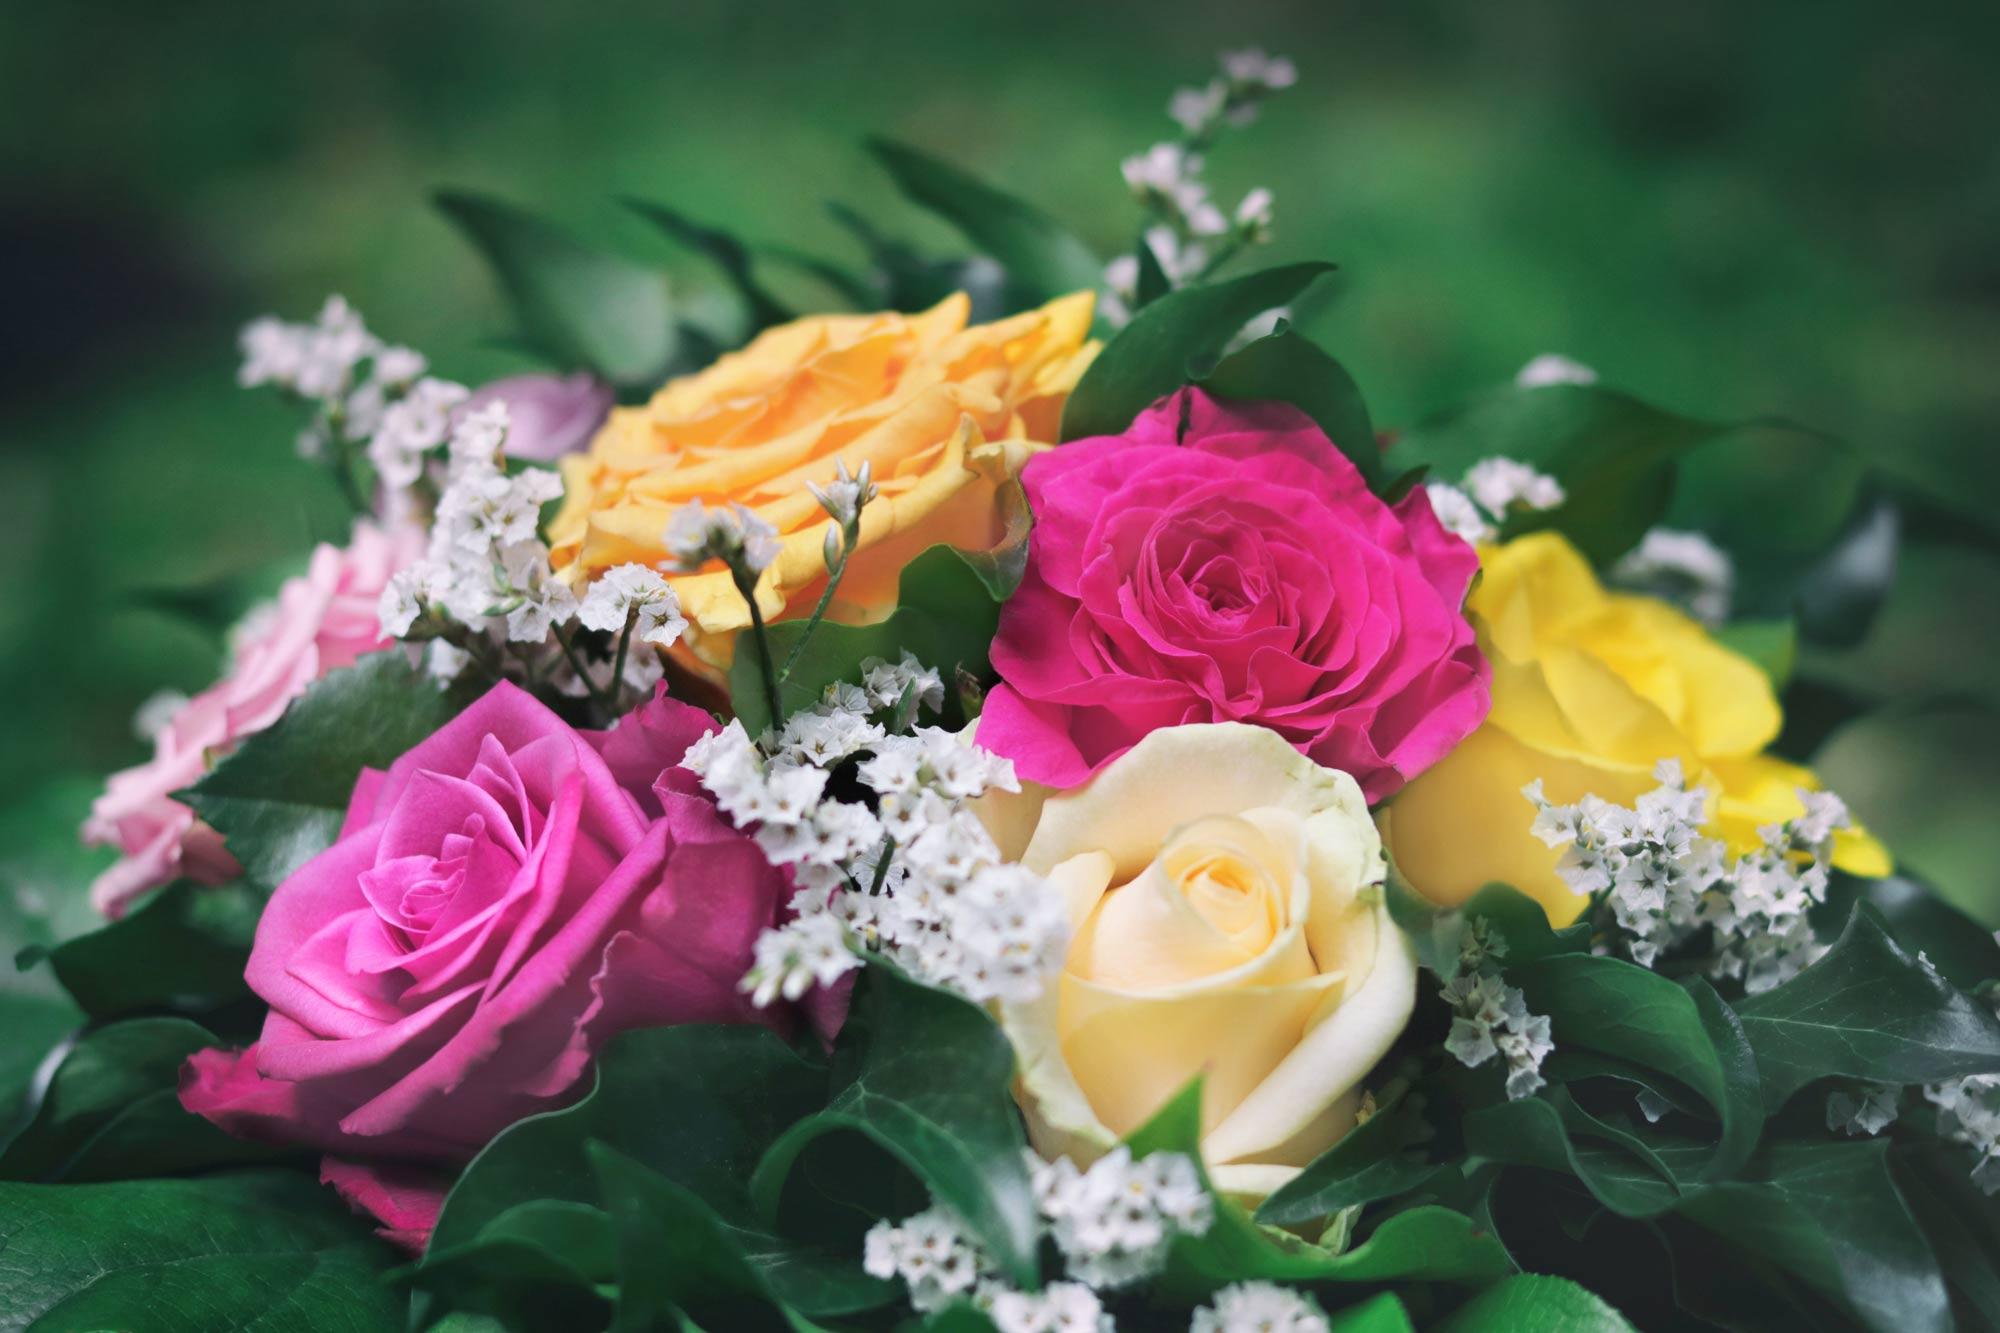 Blumenstrauß Rosen - kostenlose Bilder download | Titania Foto